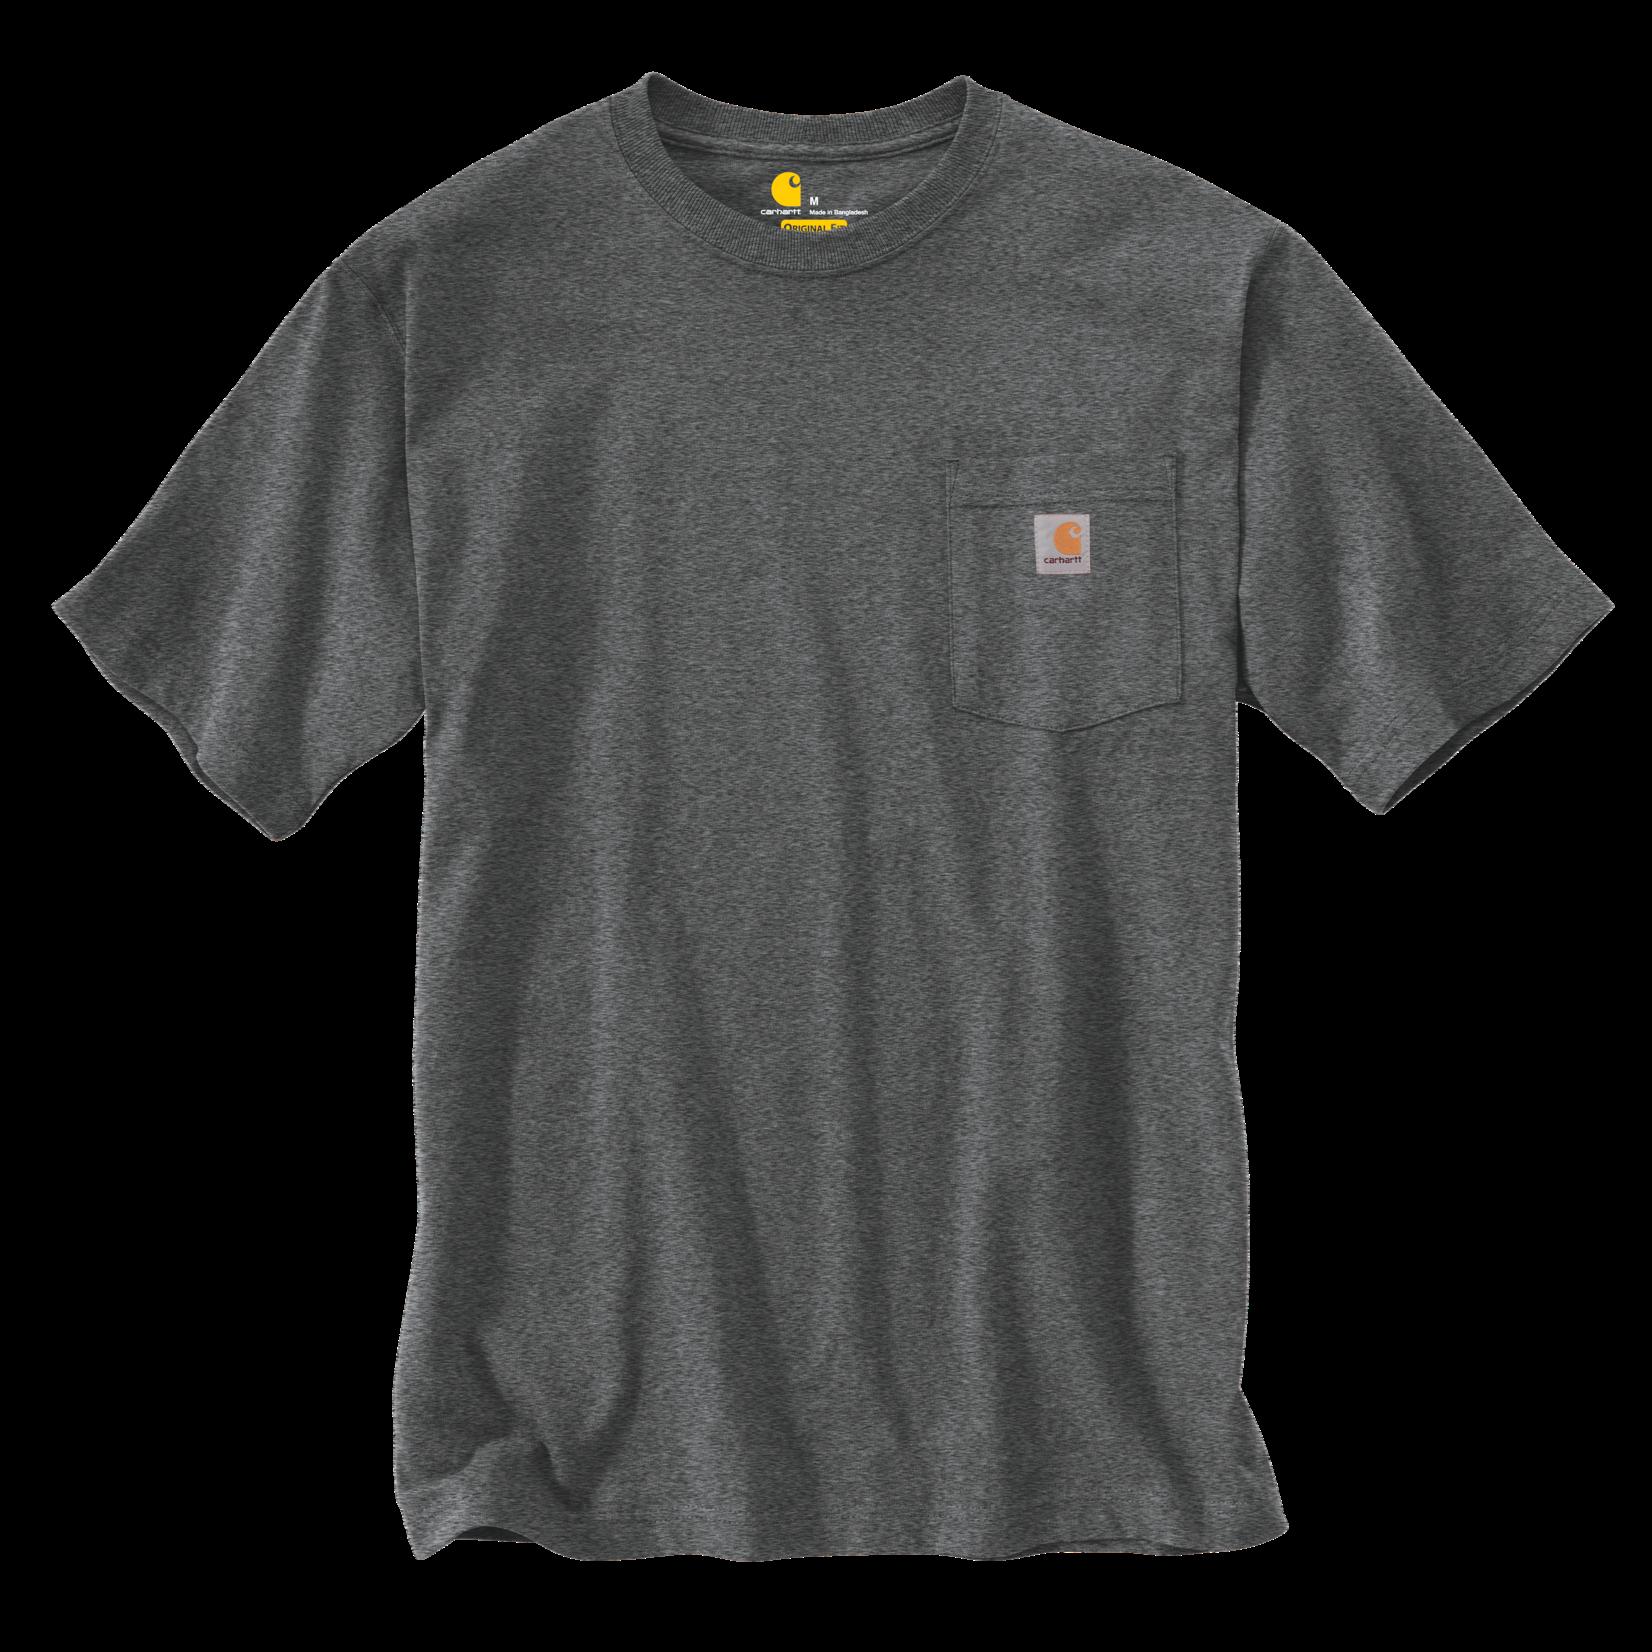 Carhartt Carhartt K87 Heavyweight Pocket T-Shirt